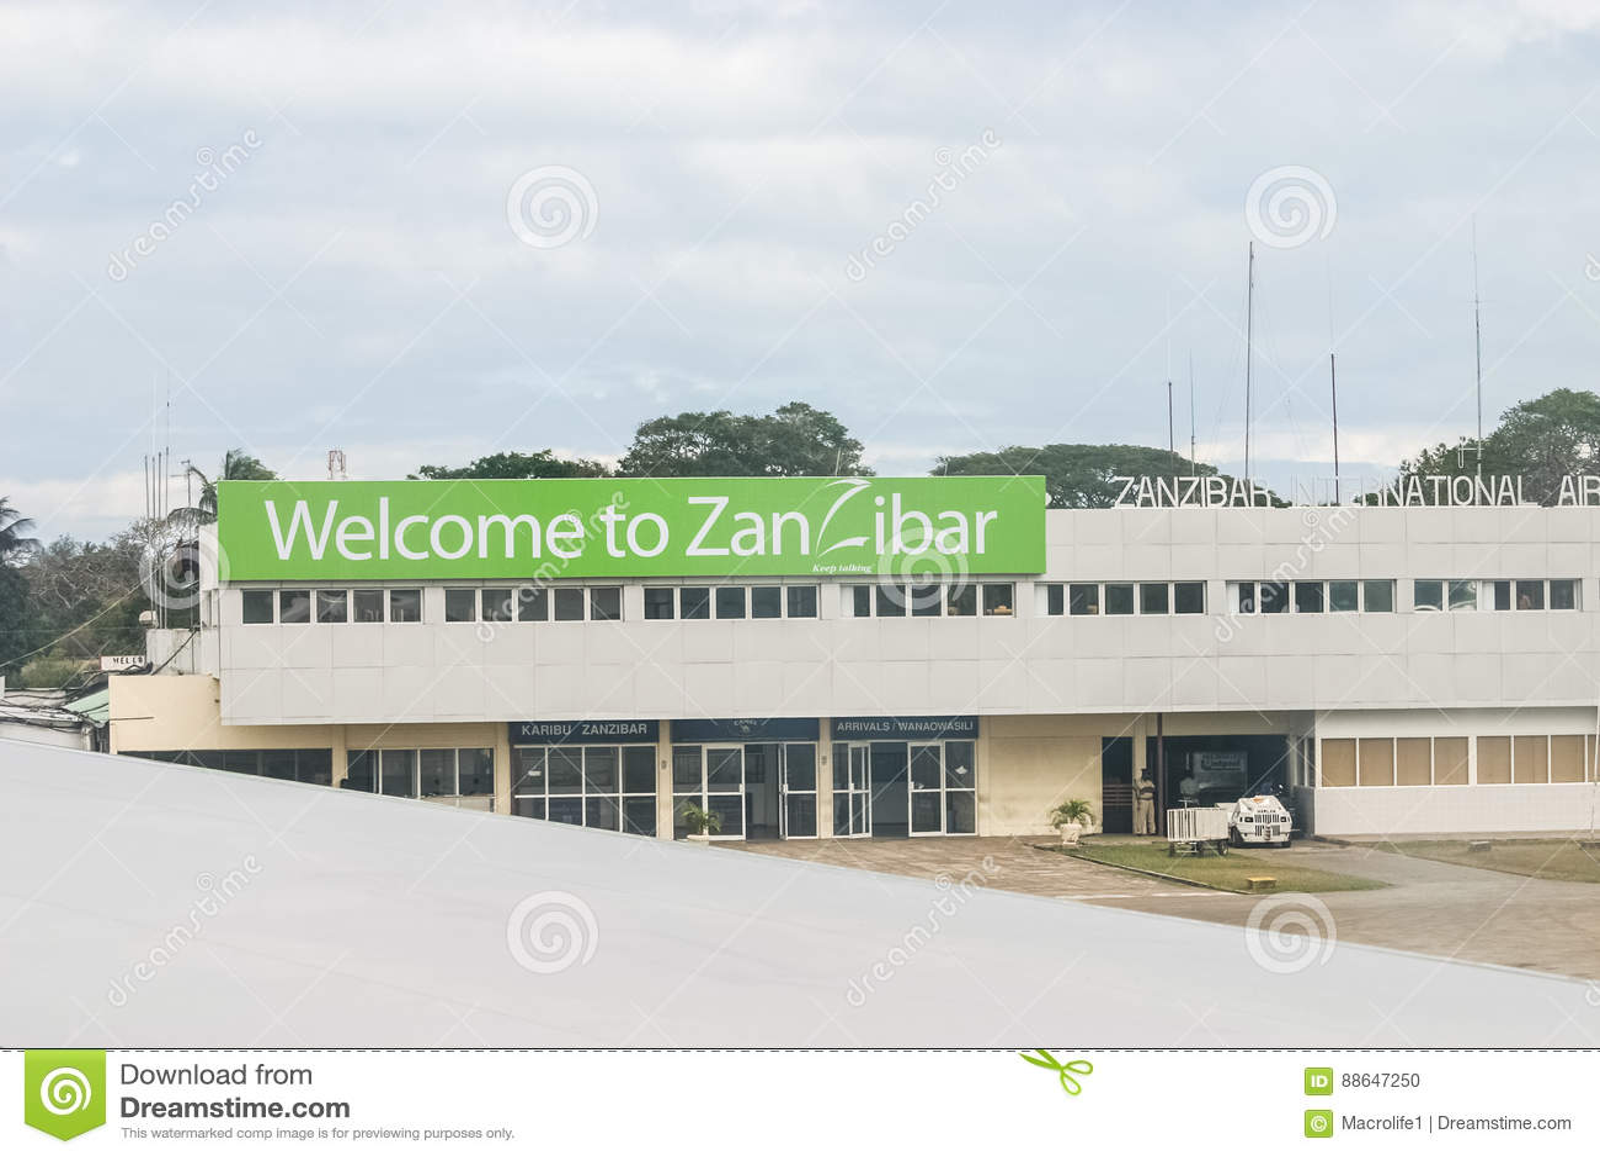 Aeroporto Zanzibar Partenze : Aeroporto di zanzibar immagine editoriale